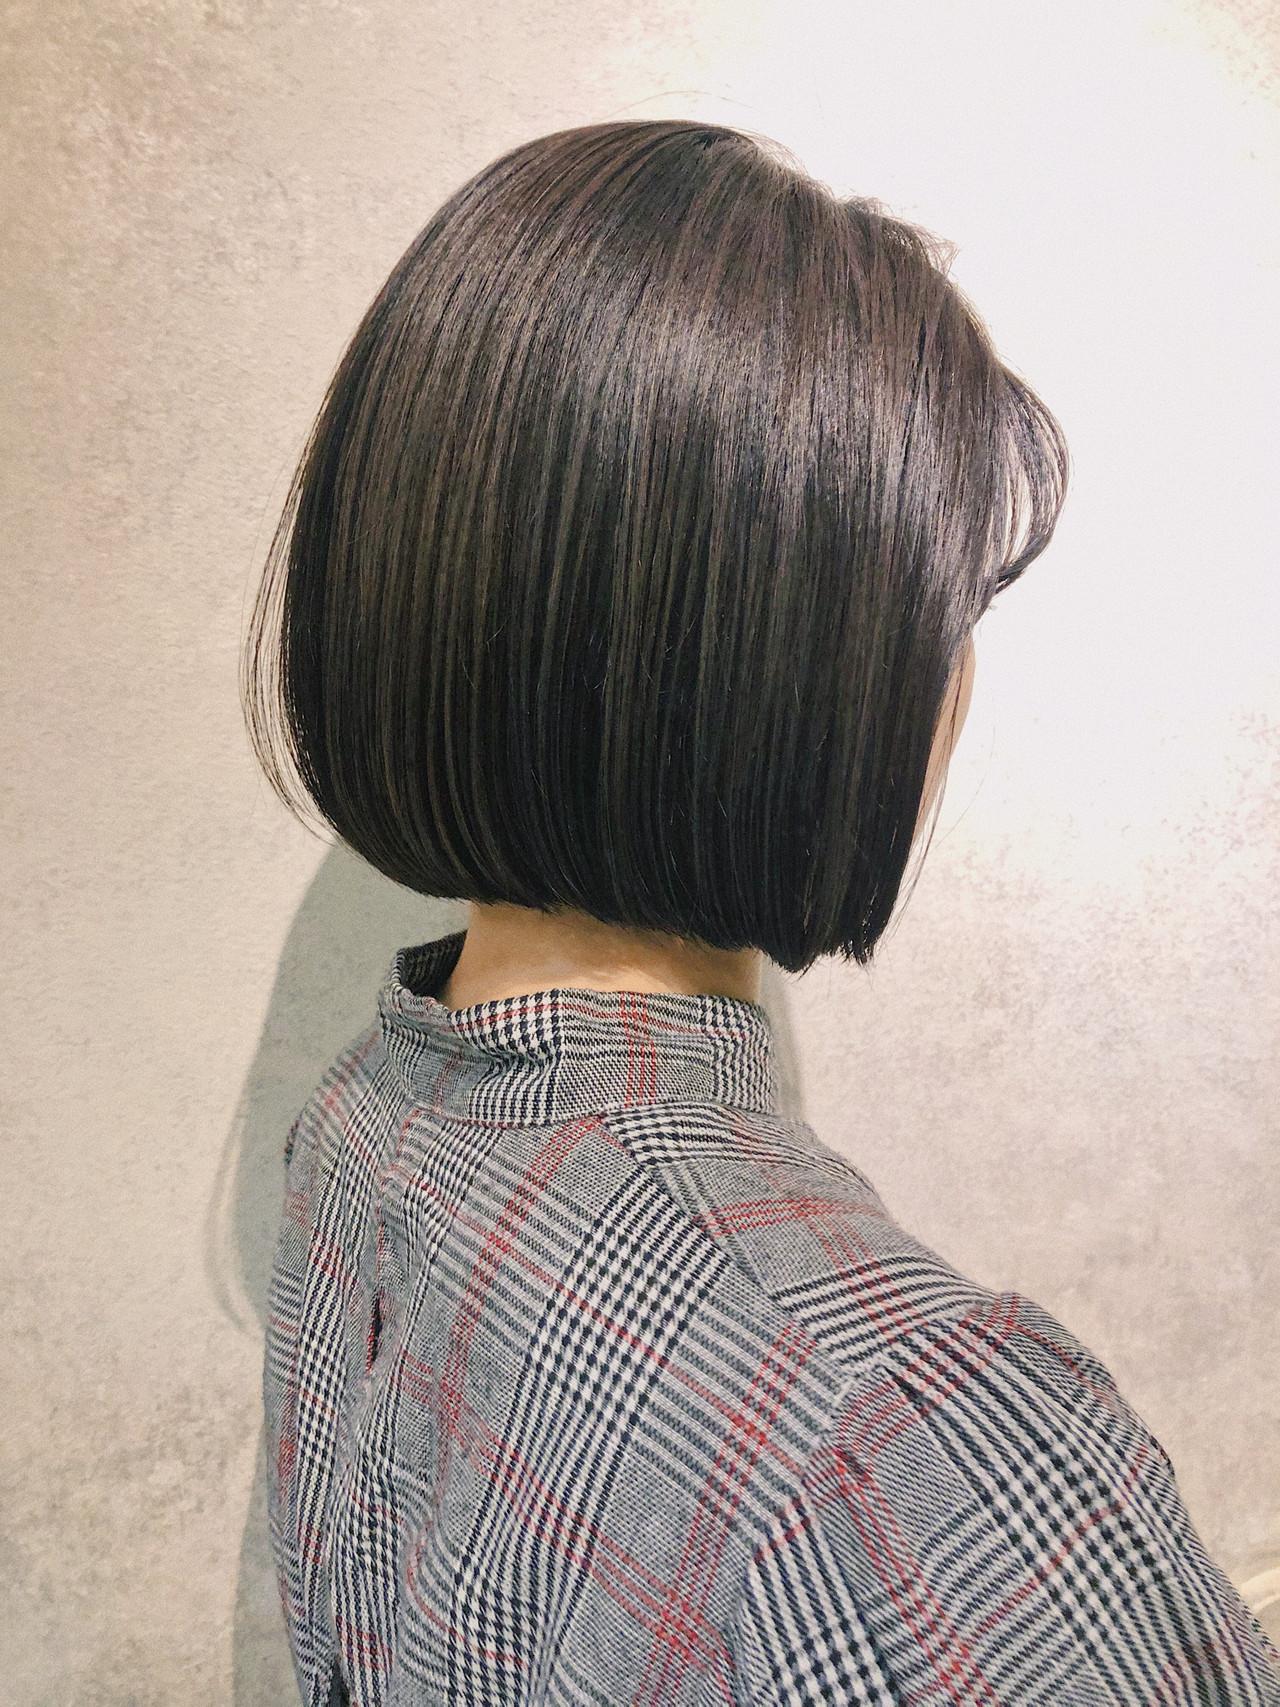 ナチュラル ショートボブ インナーカラー ミニボブ ヘアスタイルや髪型の写真・画像   鈴木 拓人 / THOiRY